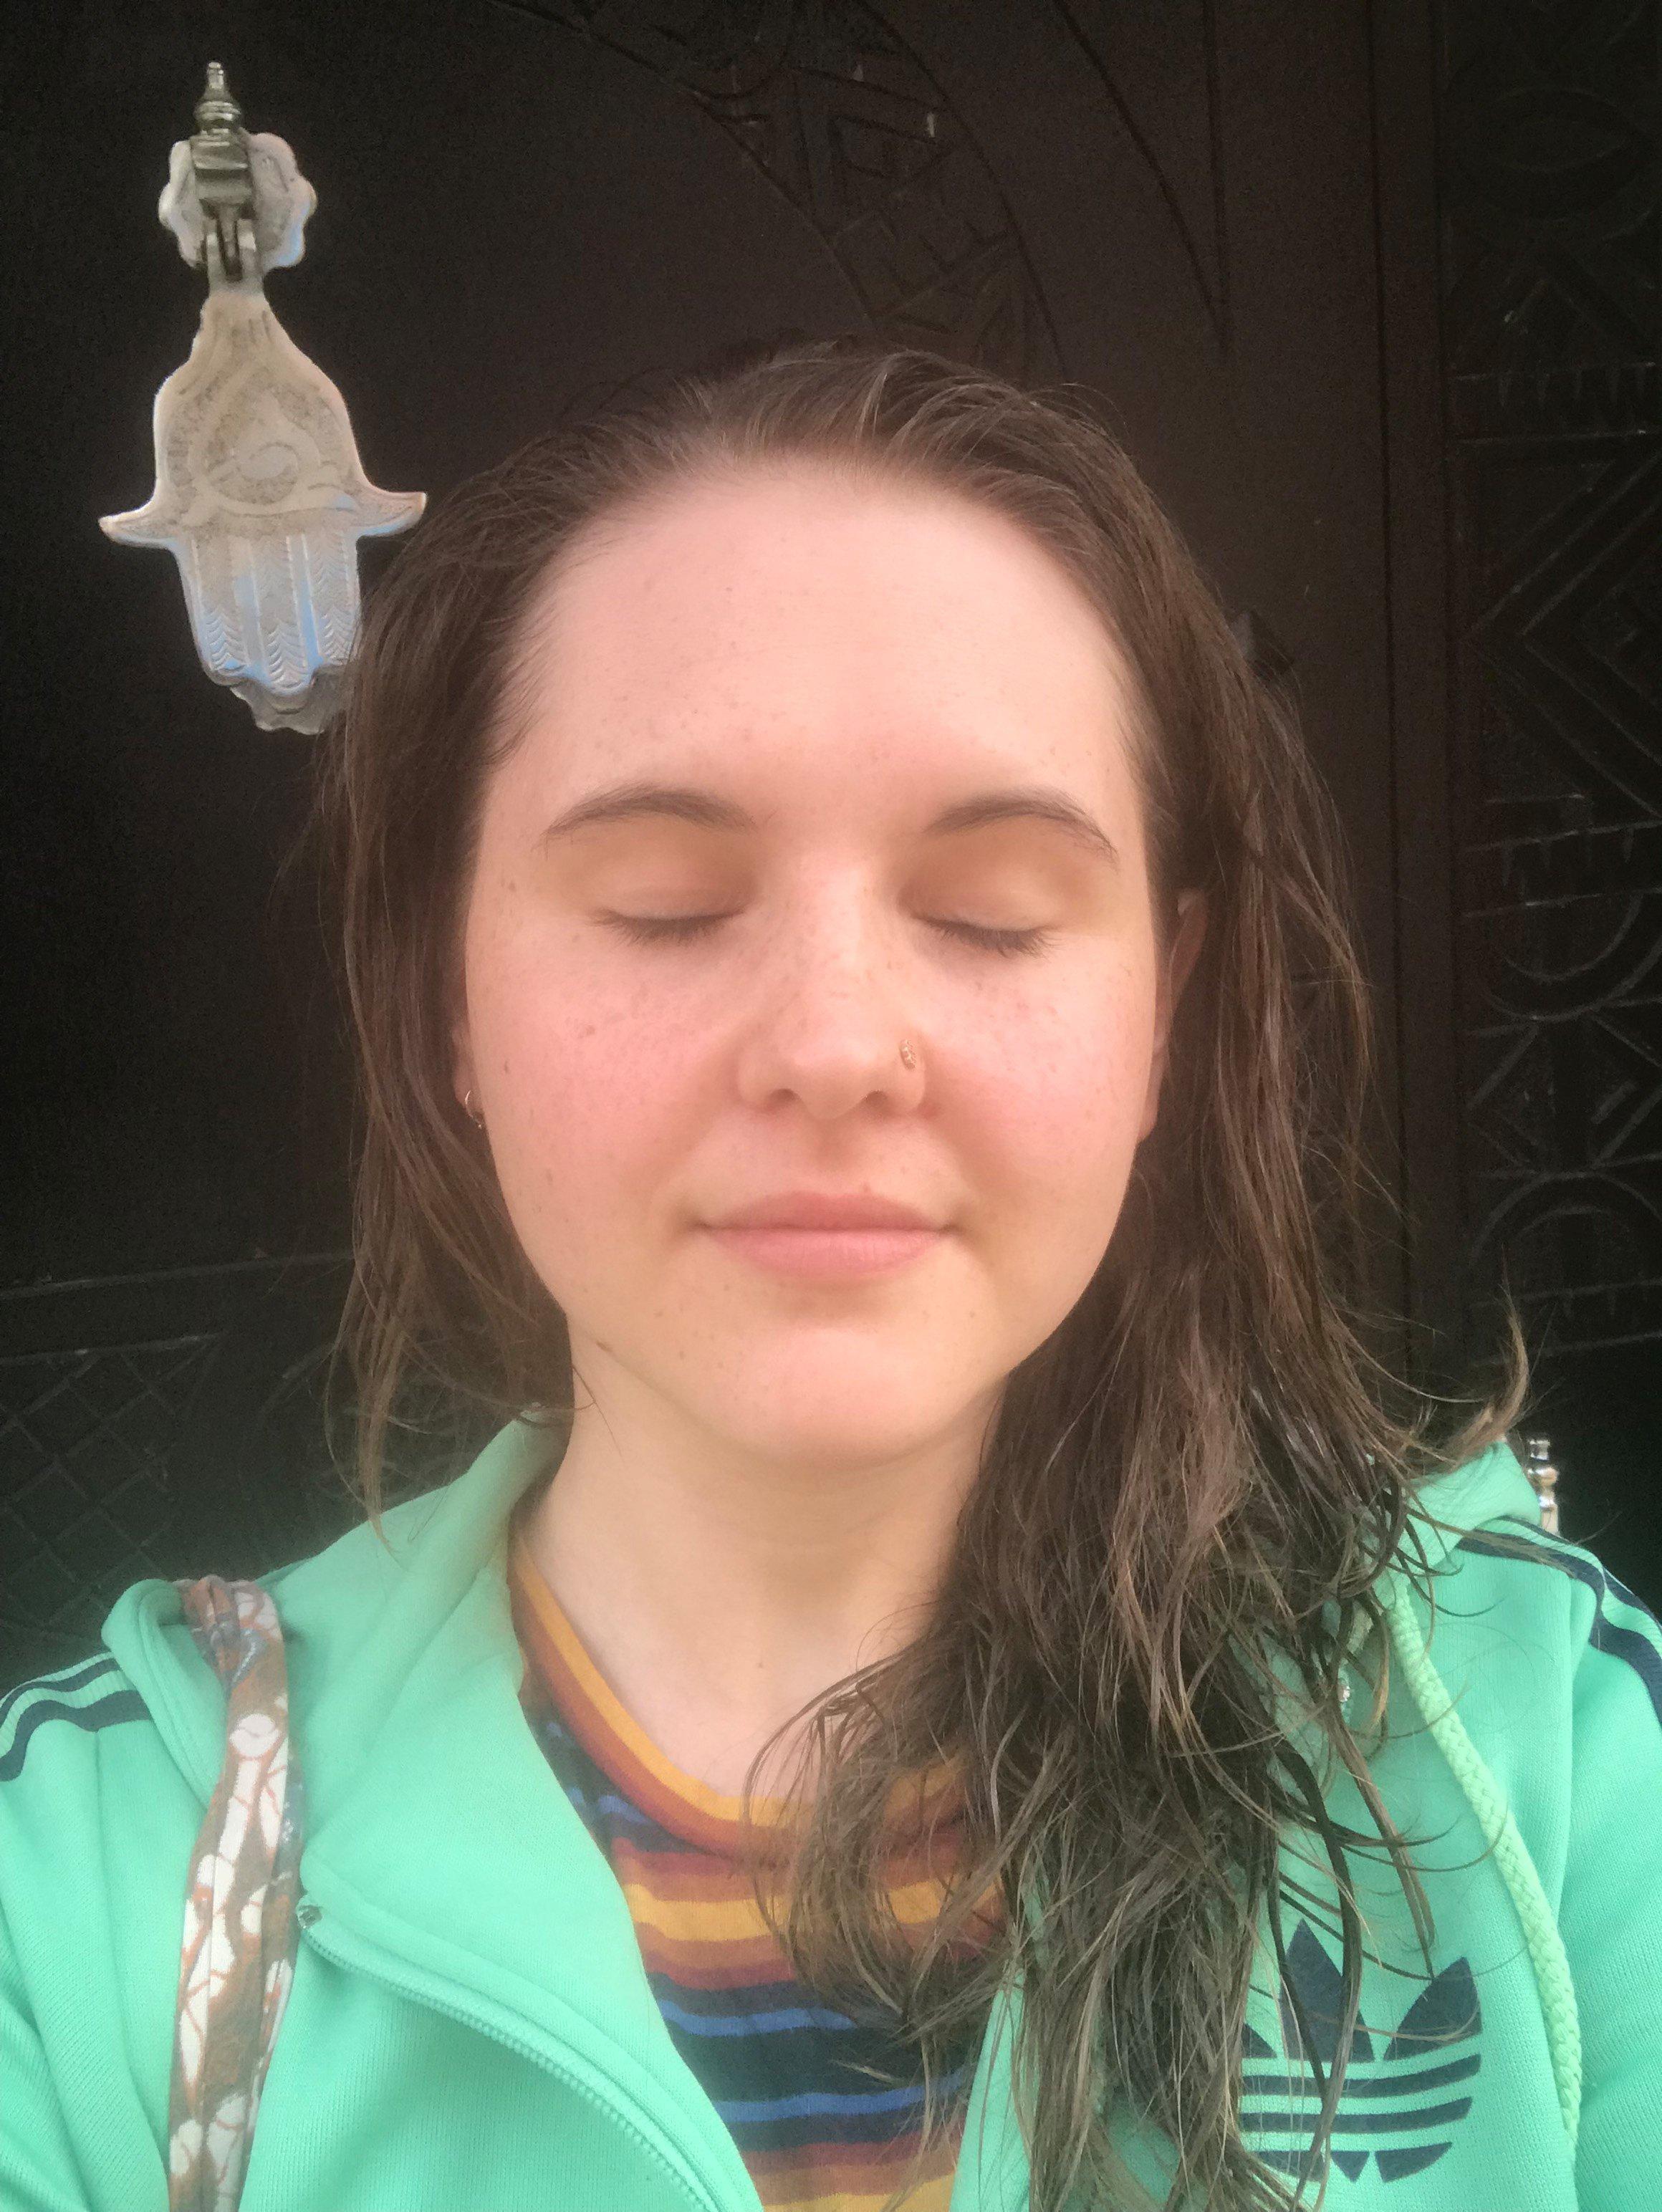 Der Post-Hamam-Effekt Bild: Sarah Bischof